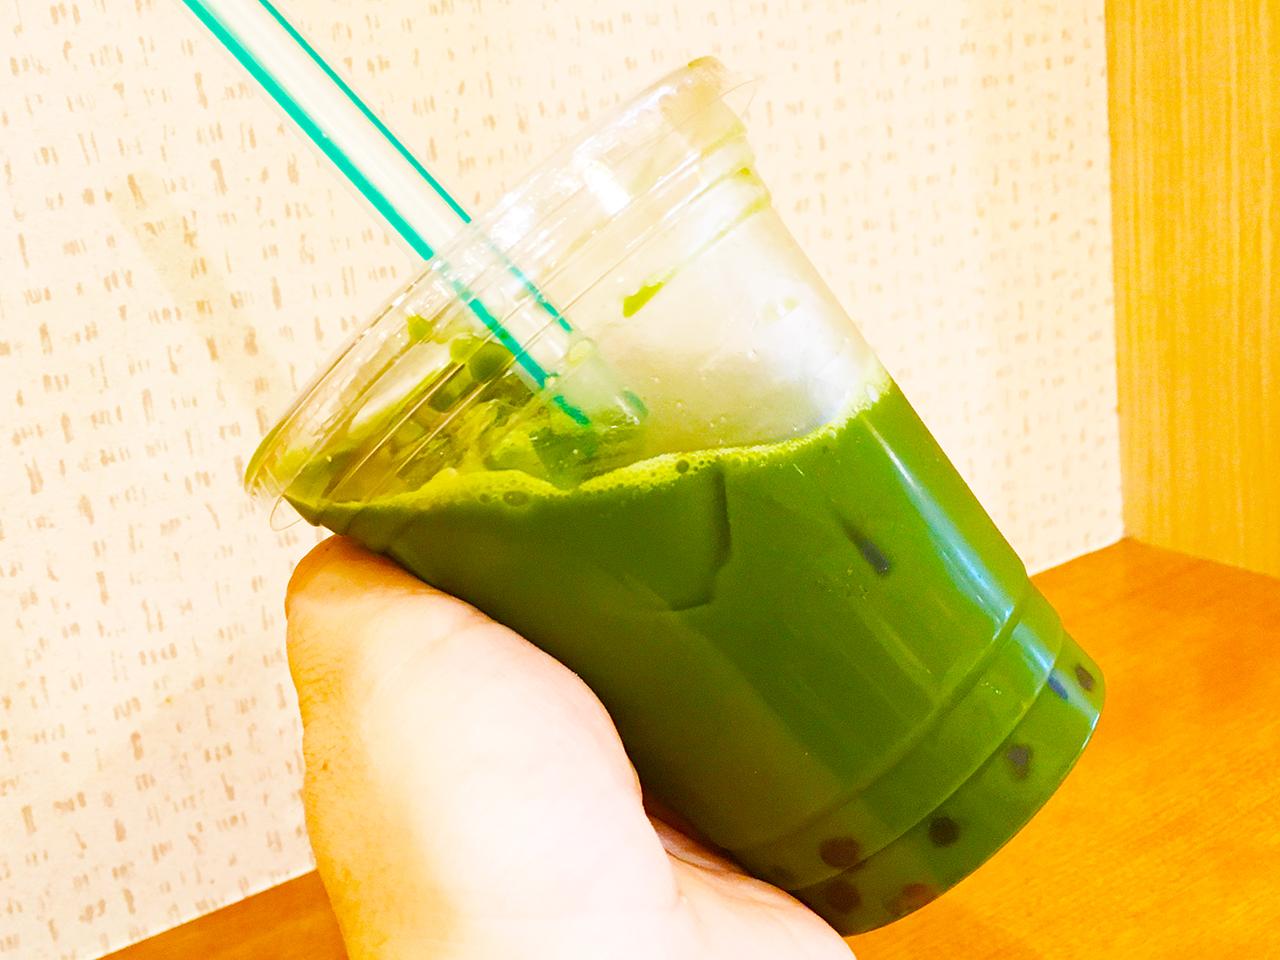 四六時中永山店の祇園辻利抹茶使用のタピオカグリーンティー